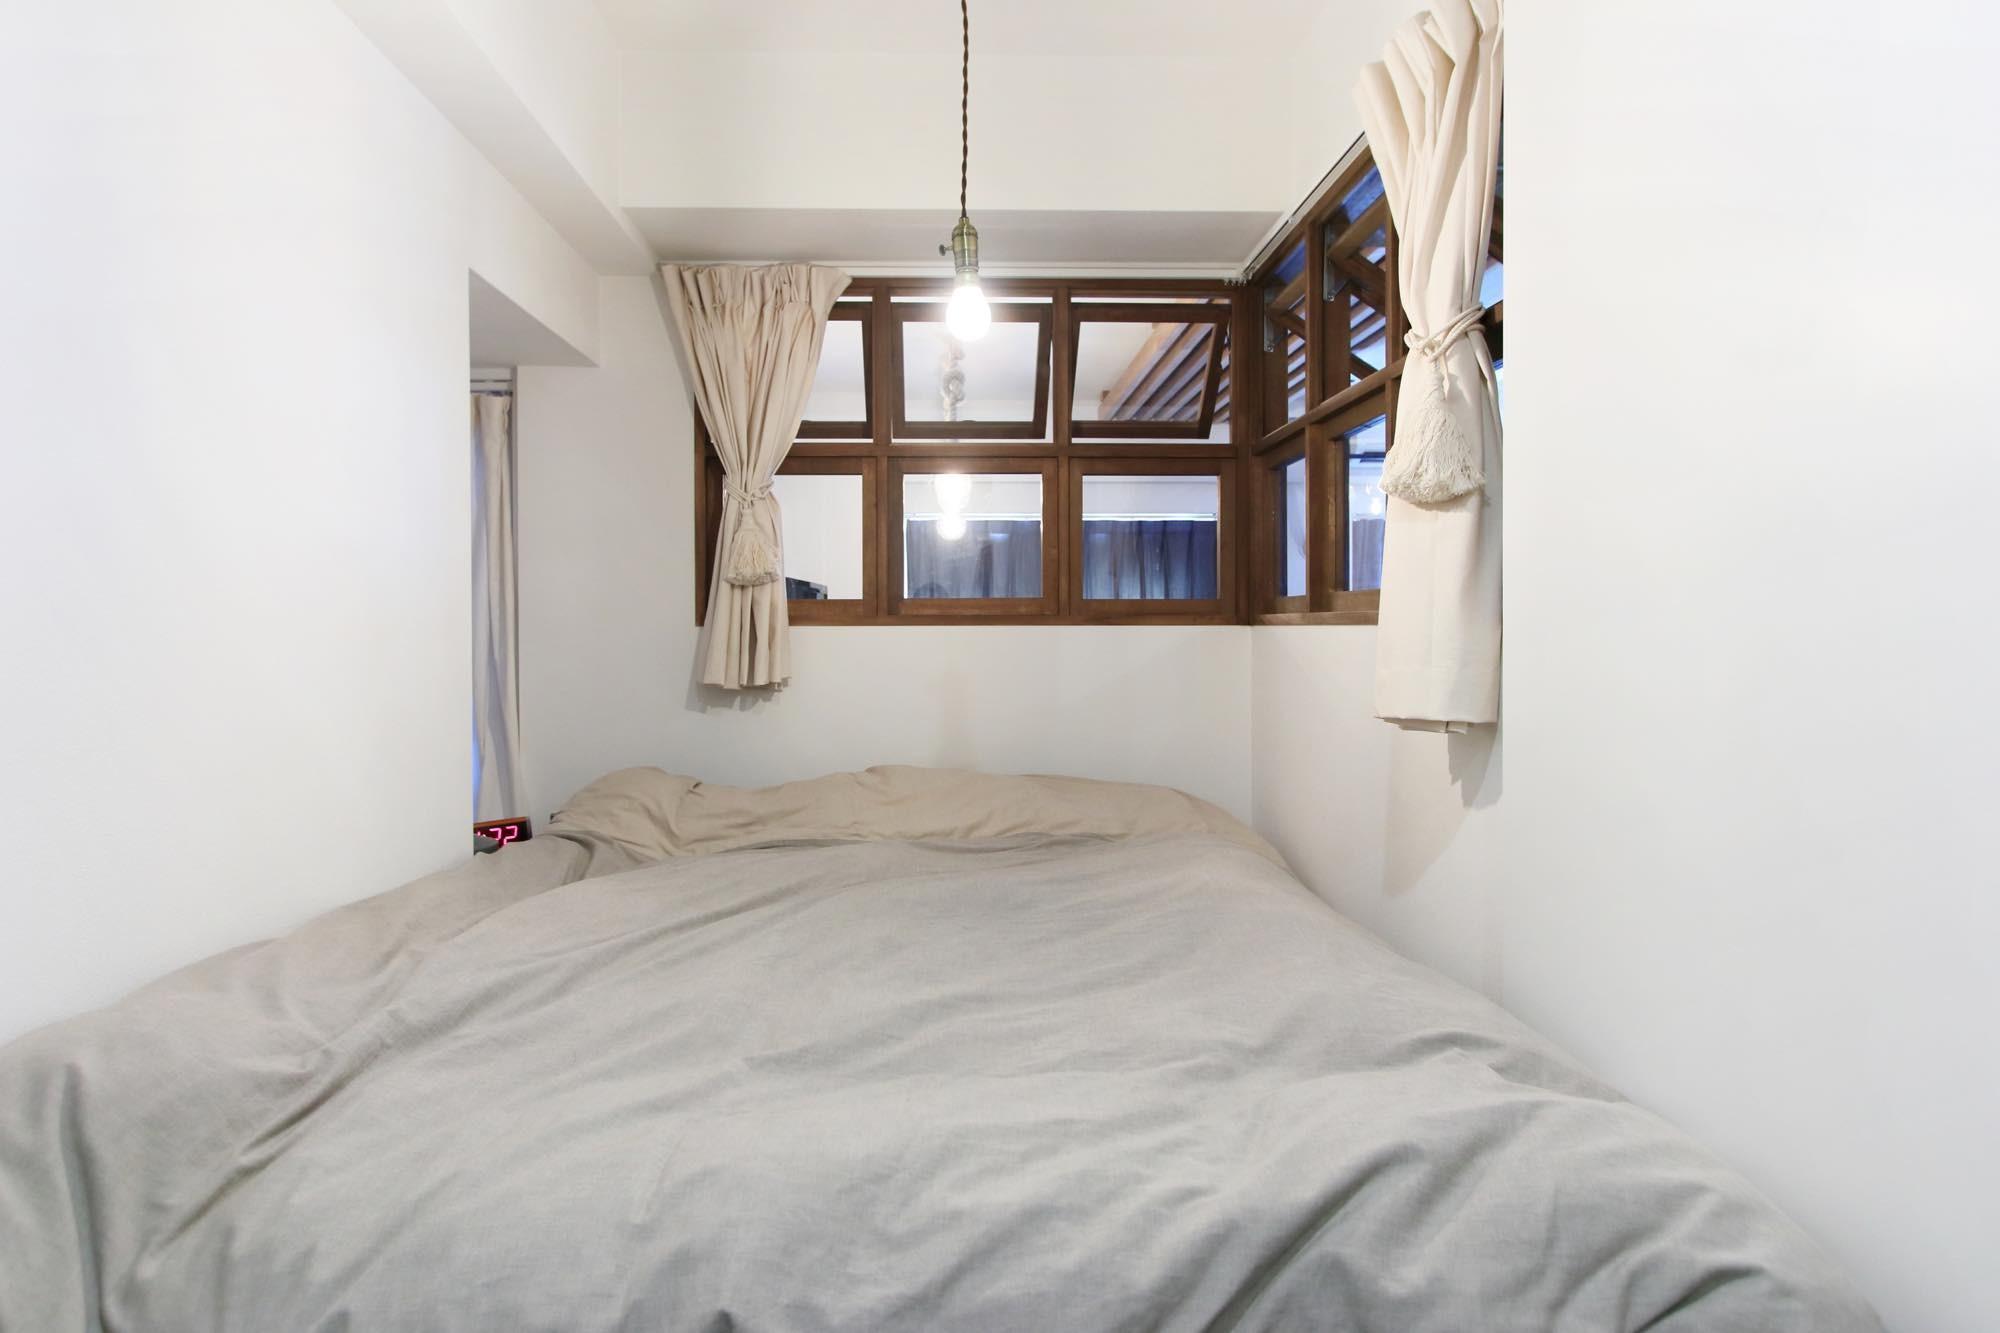 ベッドルーム事例:寝室(57平米に込めた夫妻の想い)